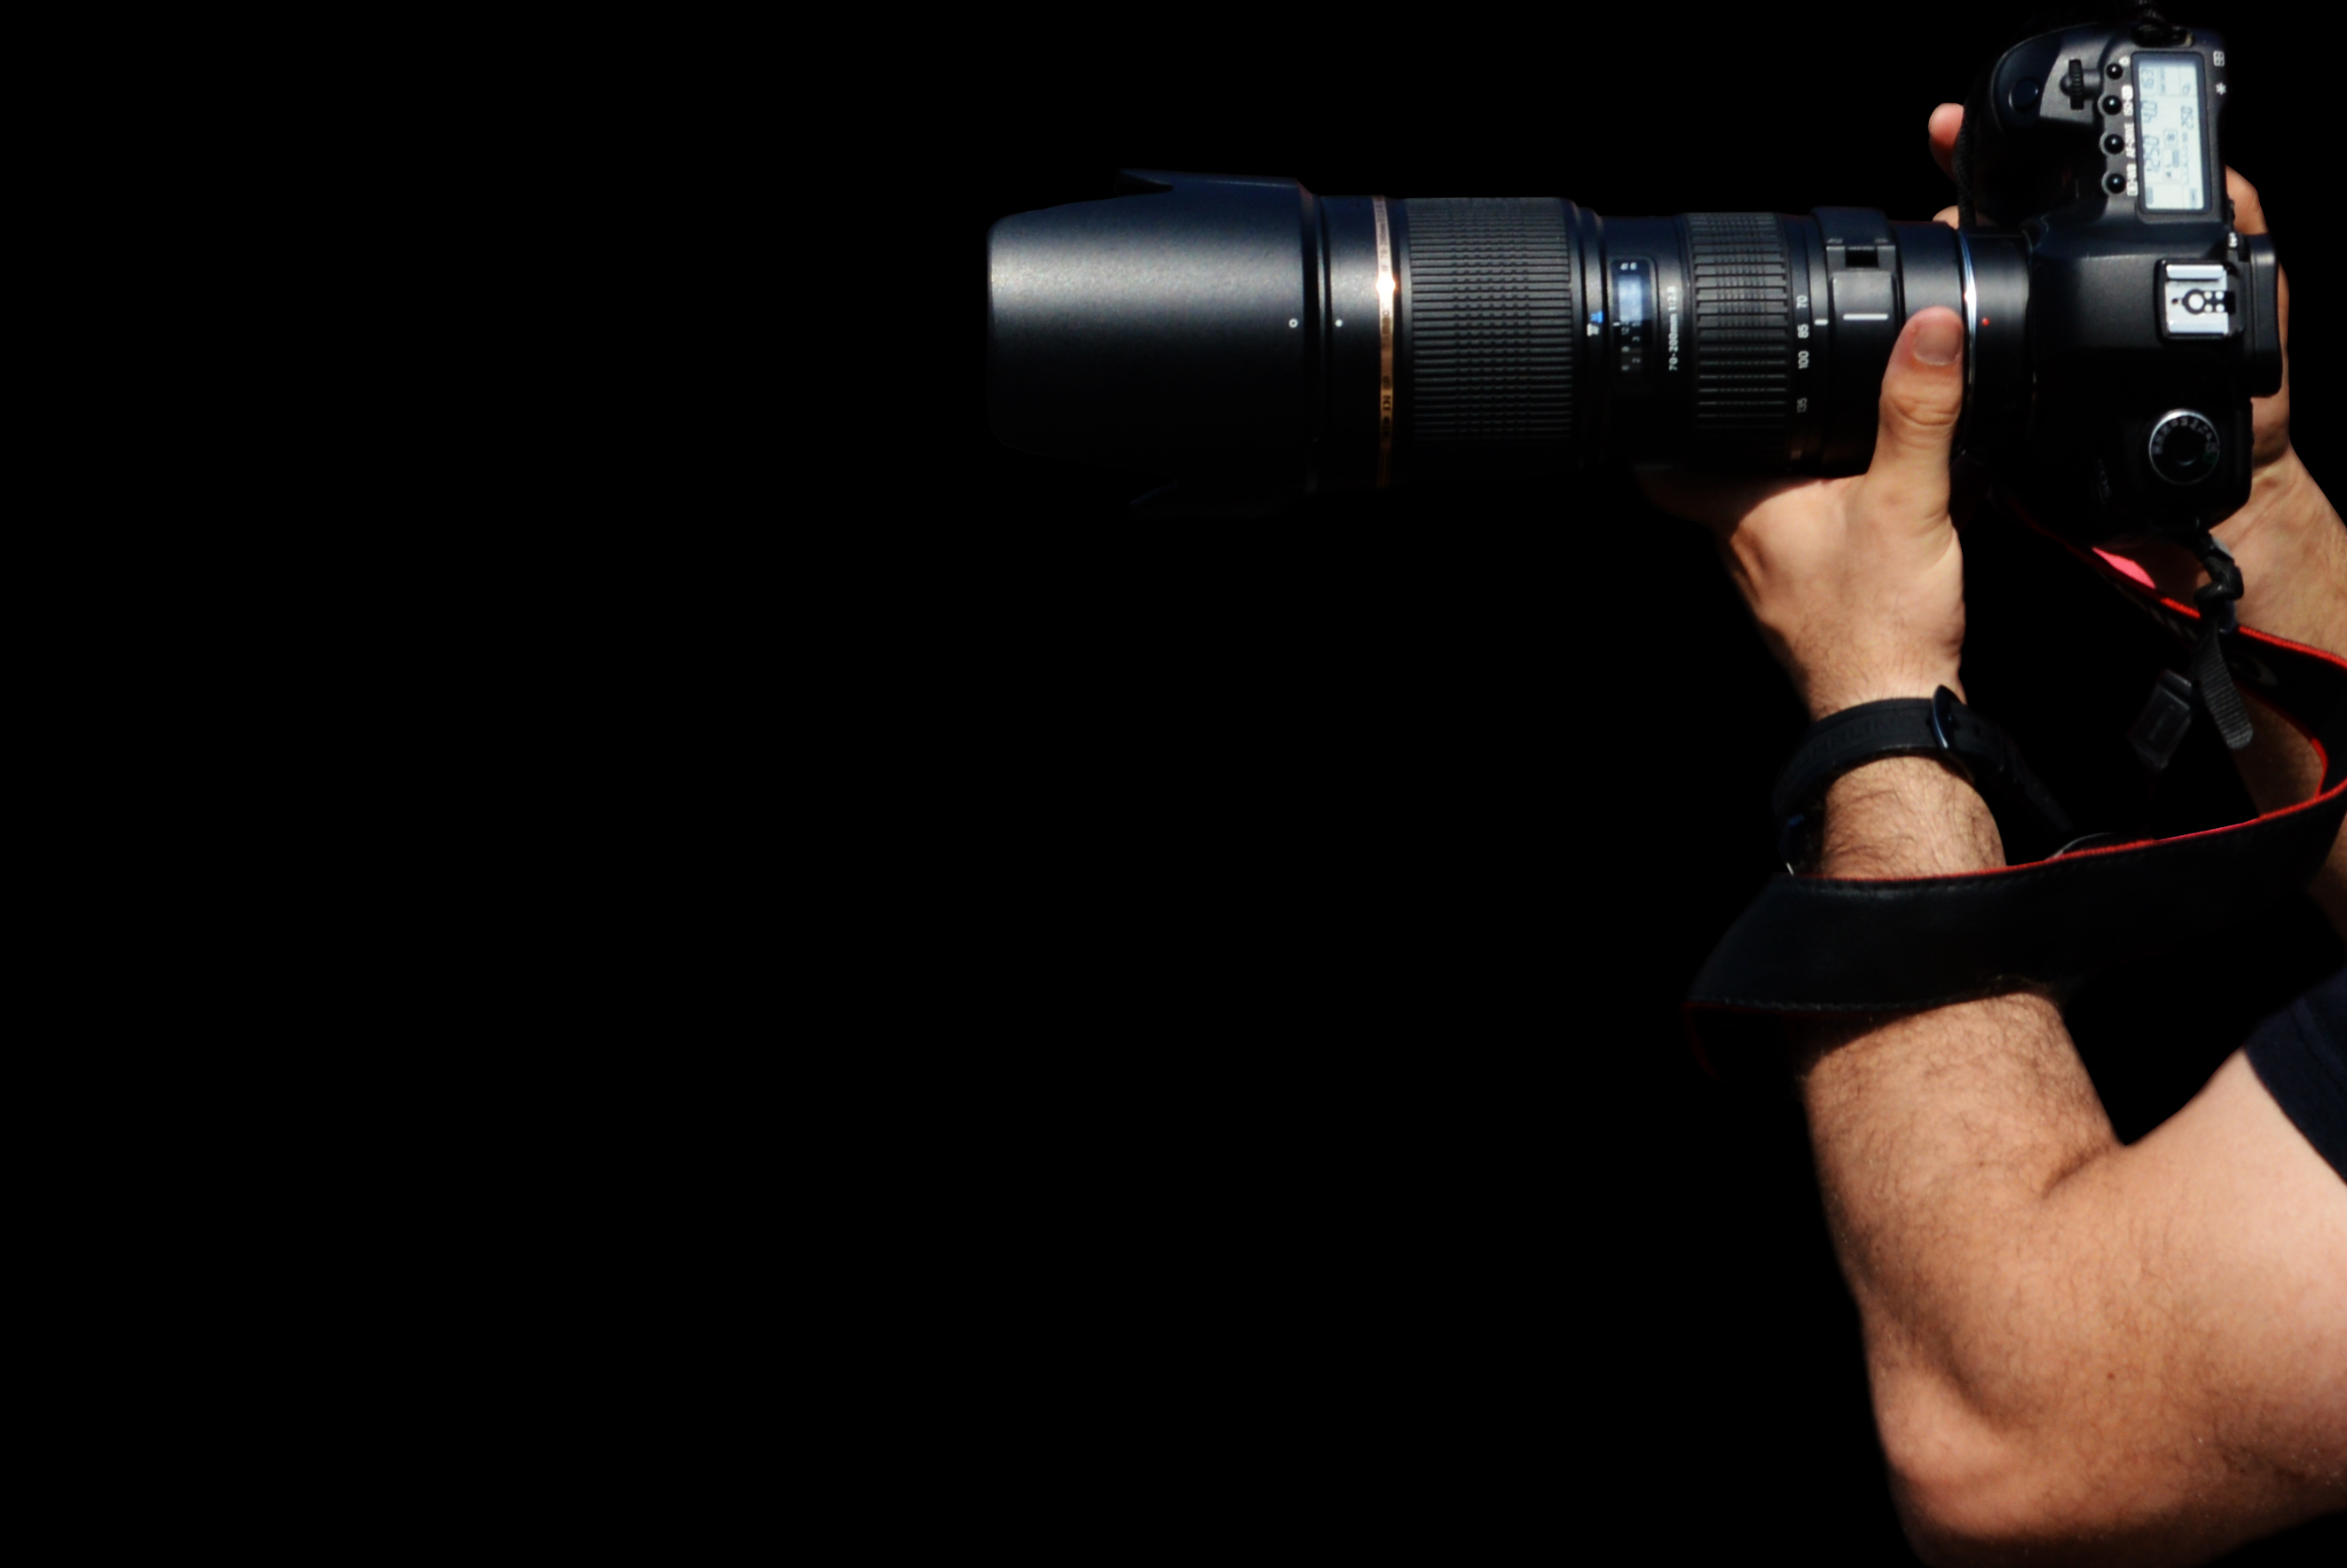 том, как фотоаппарат с хорошим размытым фоном и зумом картинка придаст вашему